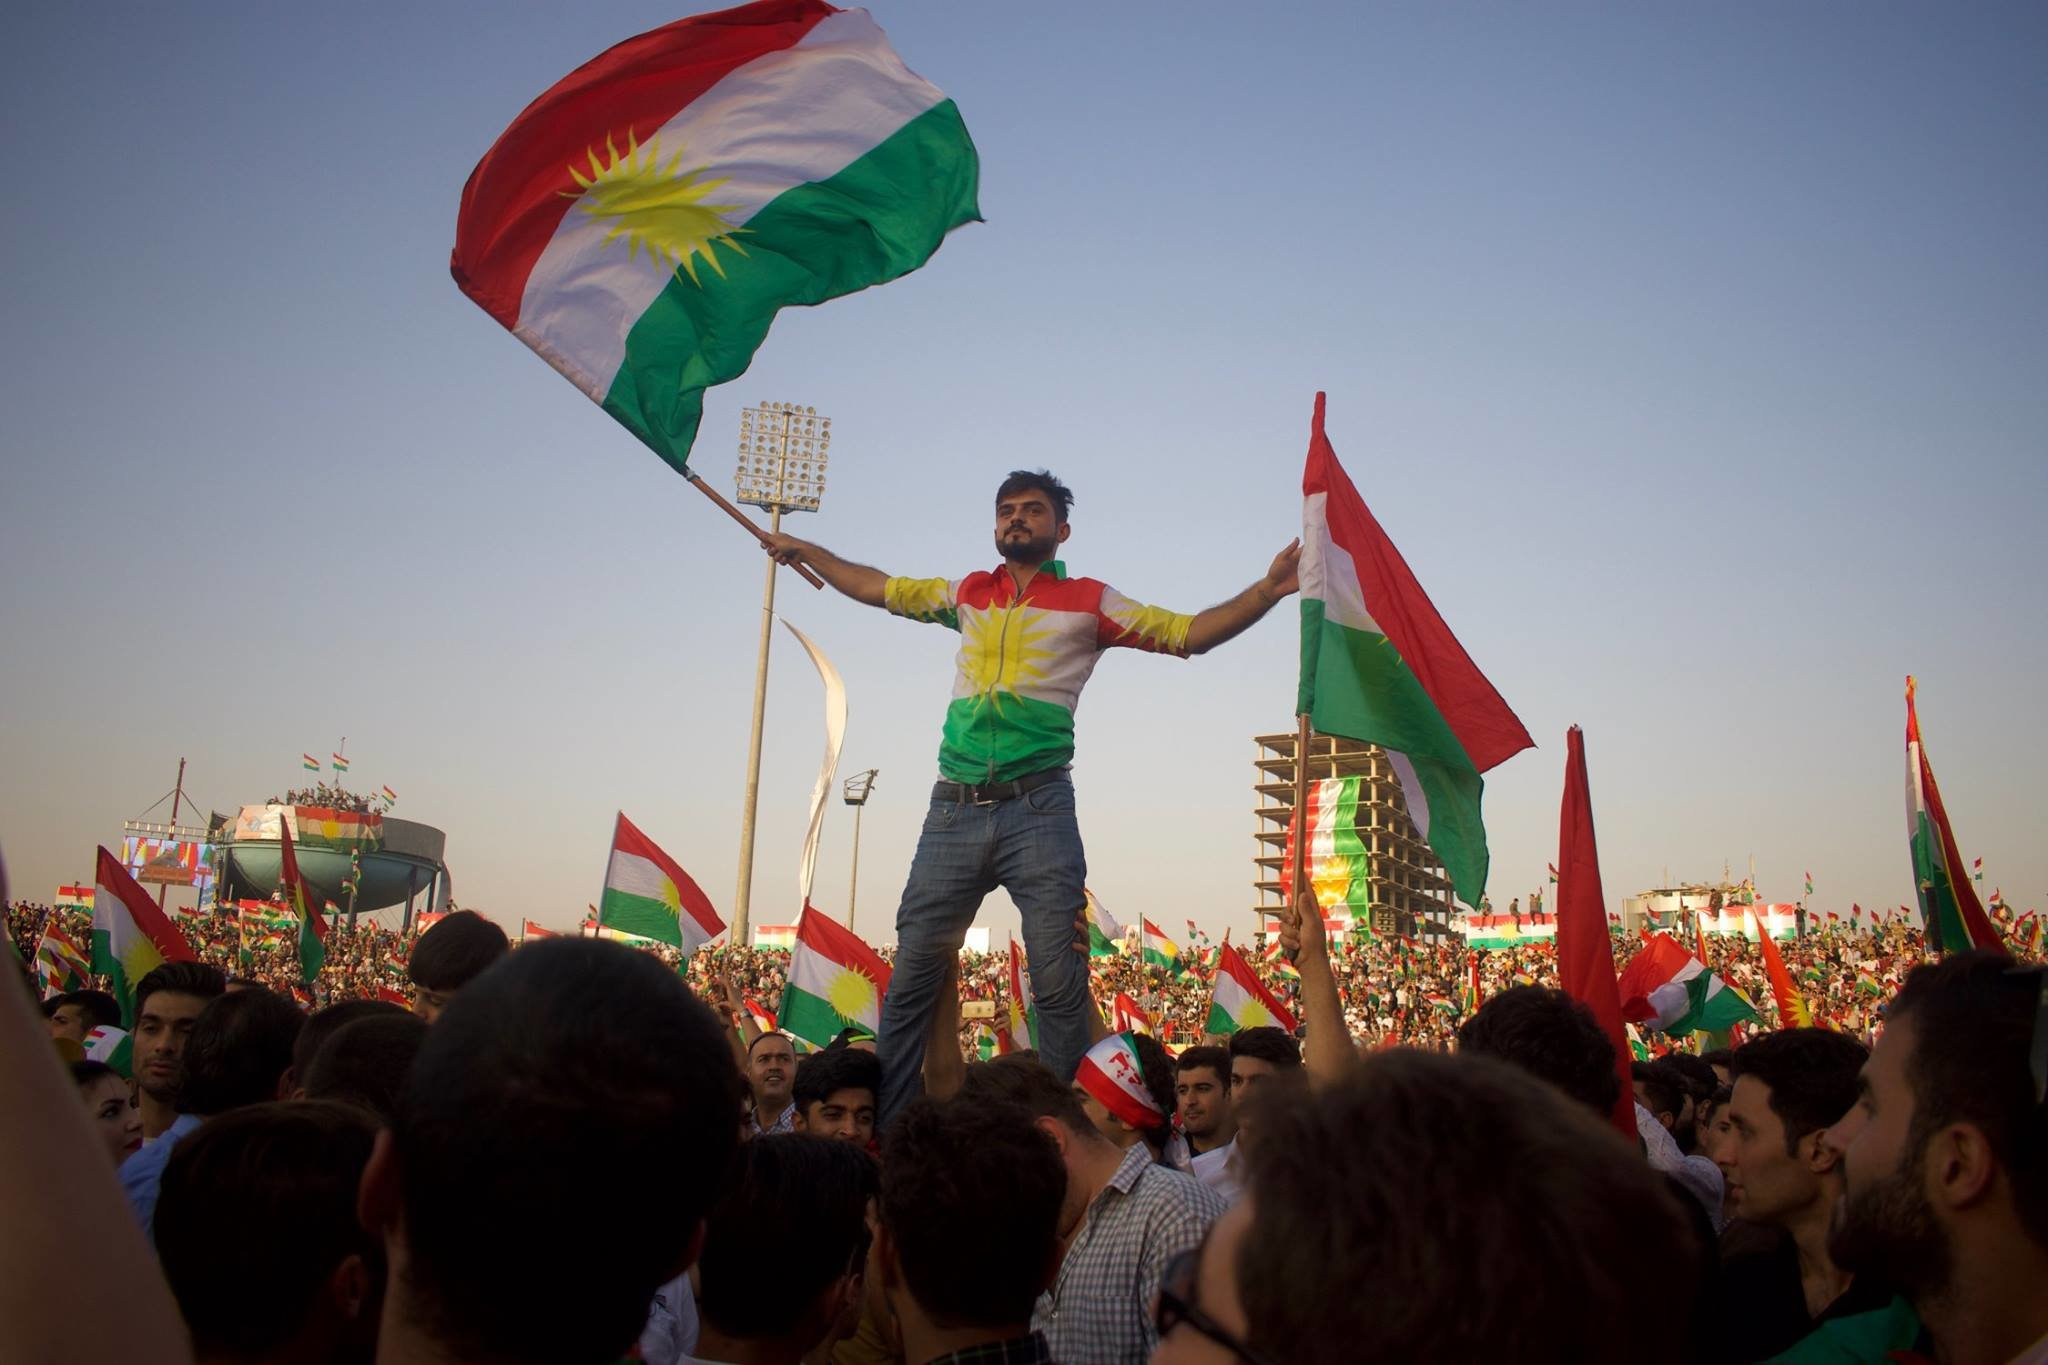 El Kurdistán iraquí, una región rica en petróleo